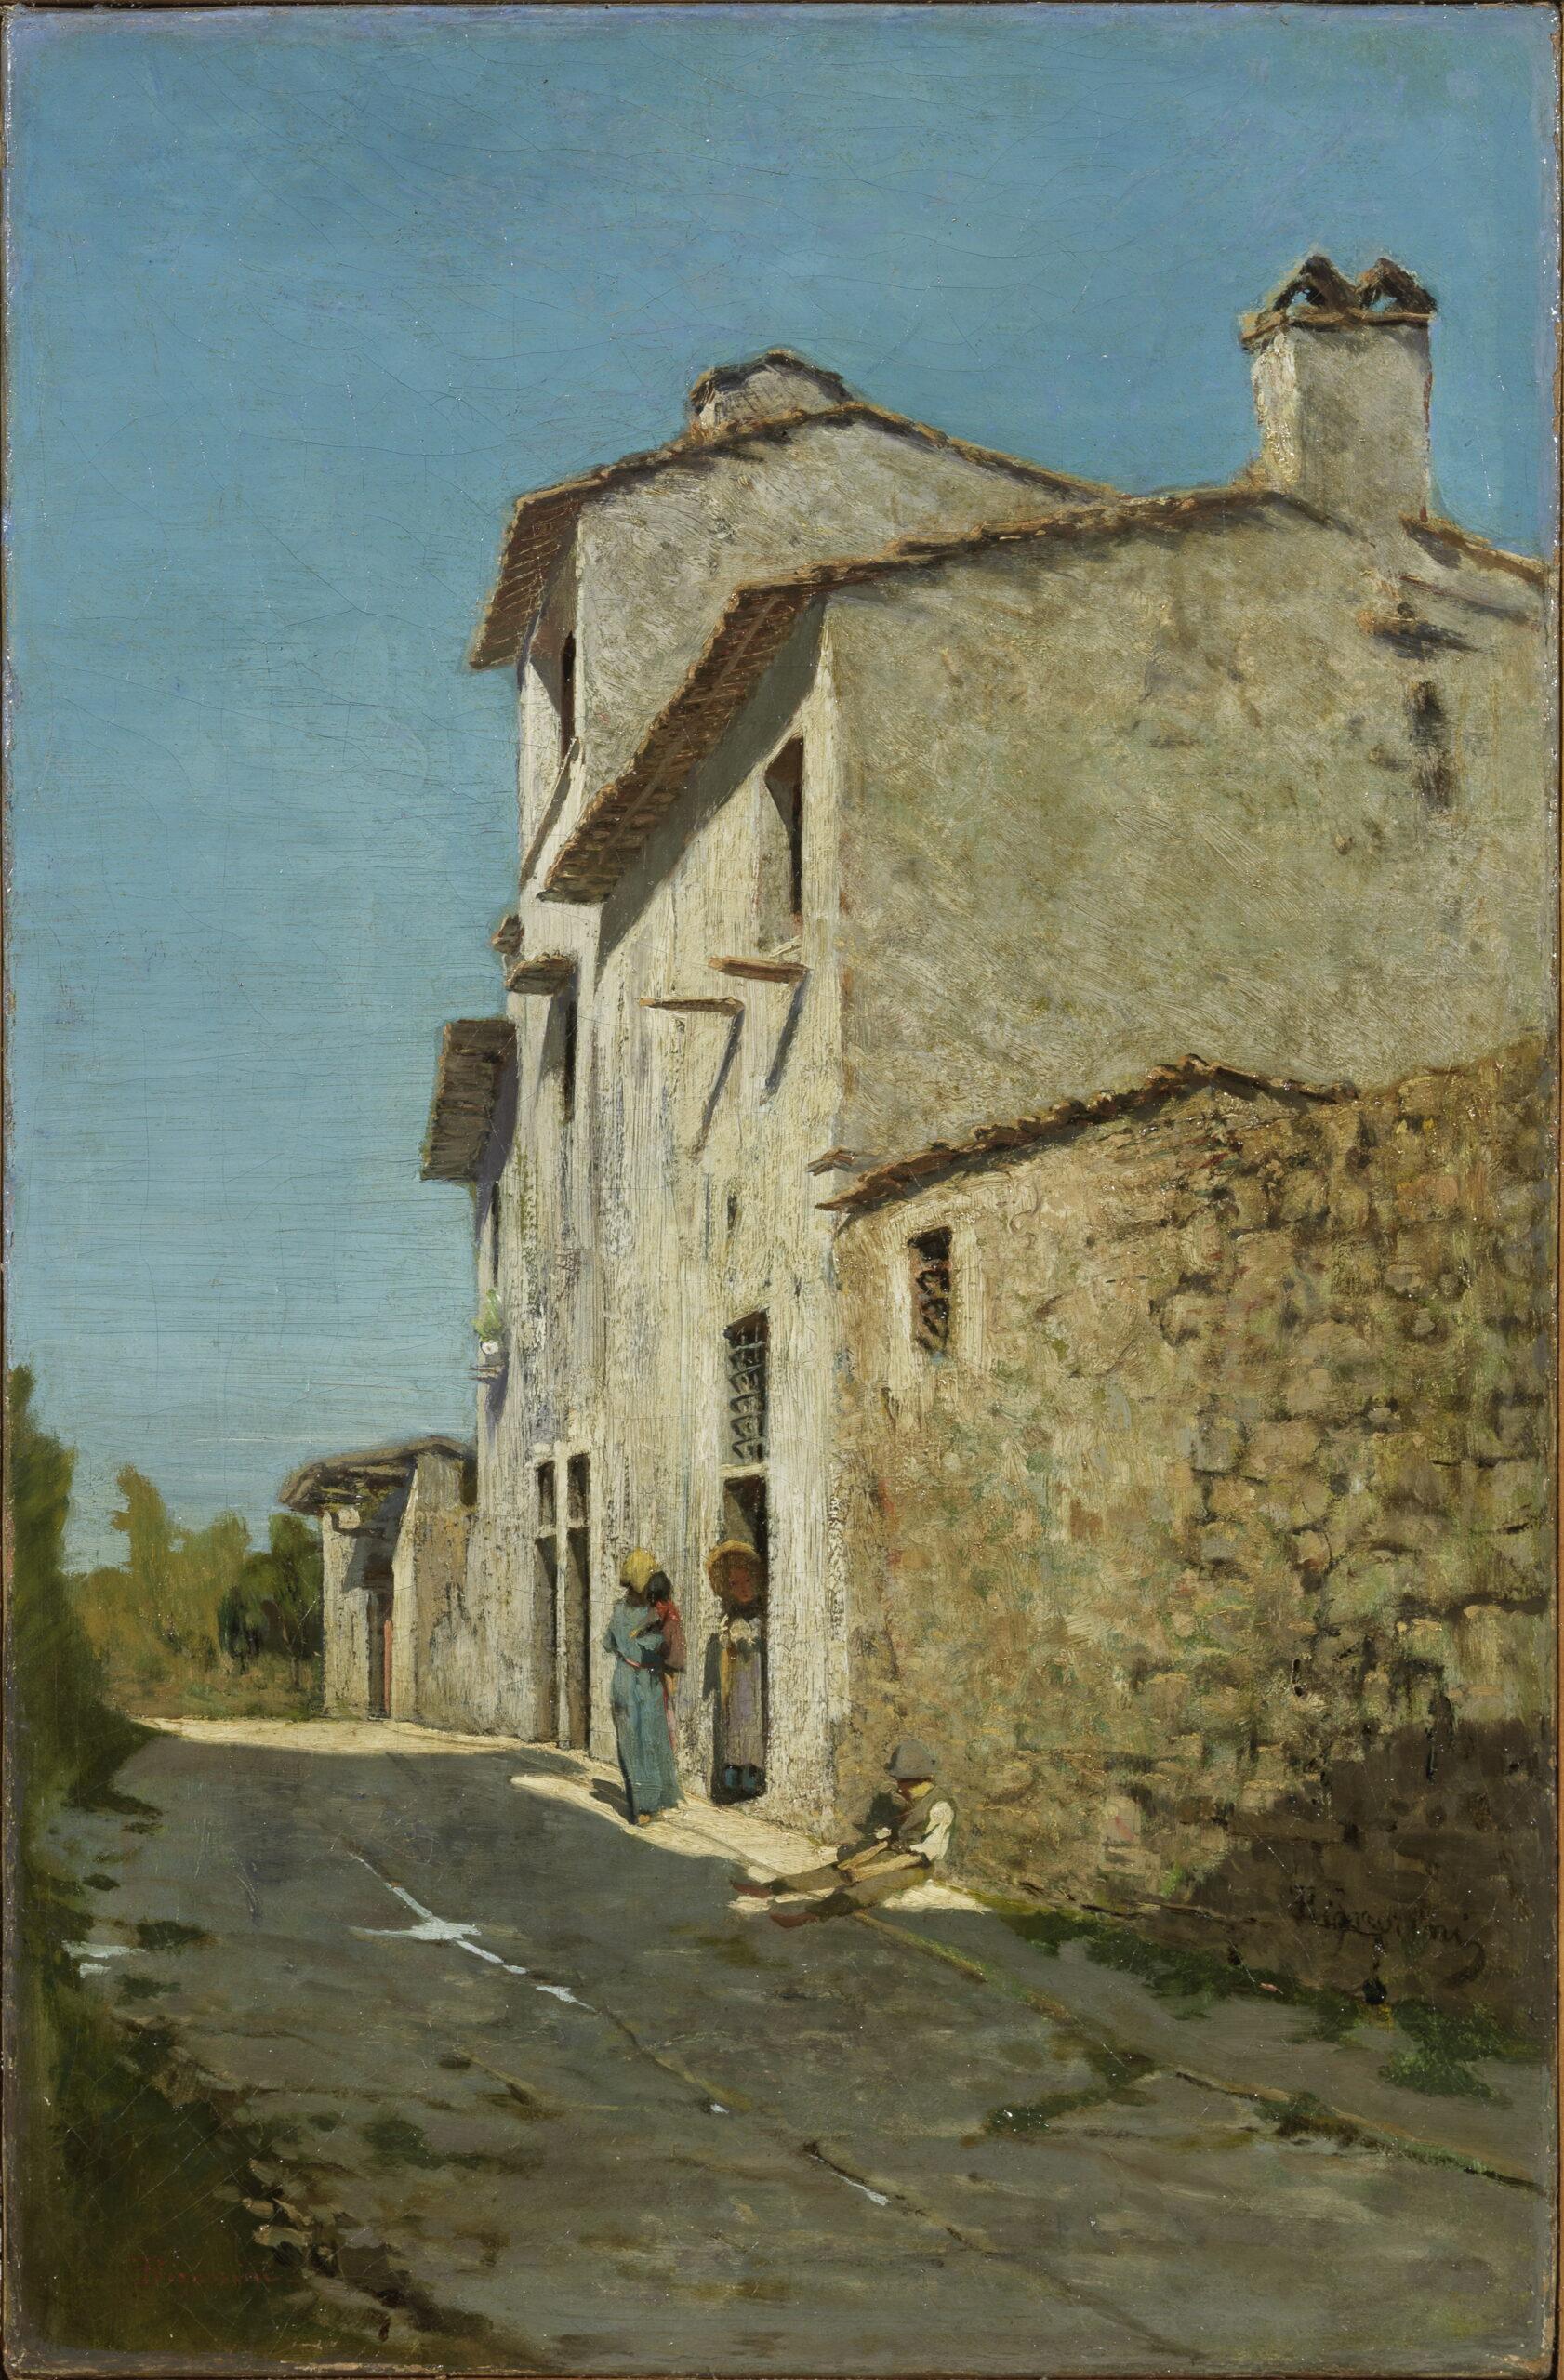 Telemaco Signorini, Nei dintorni di Firenze, 1865-66, olio su tela, 42,2 x 27,5 cm